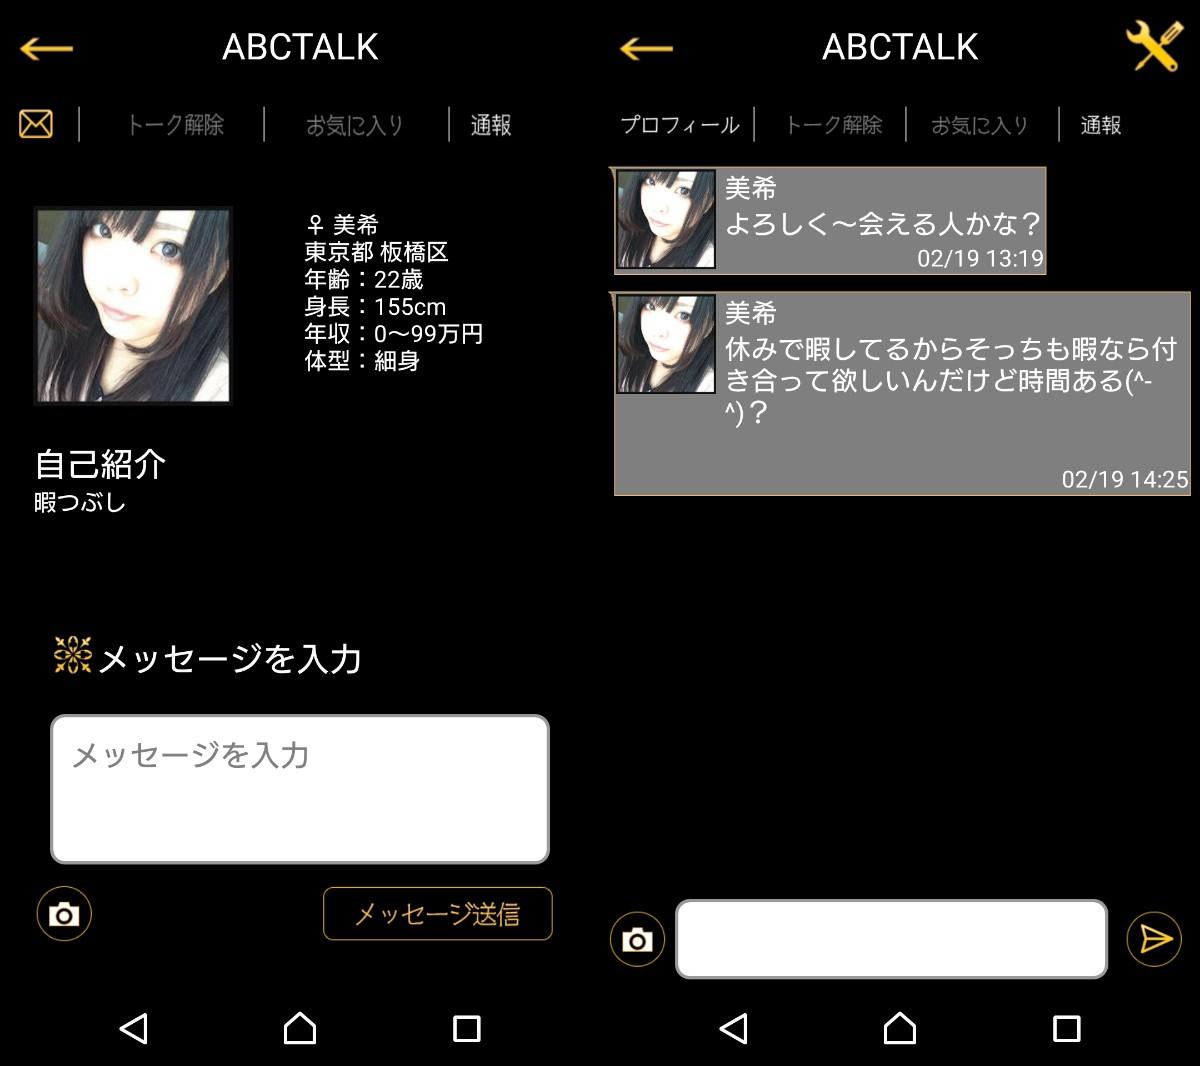 サクラ詐欺出会い系アプリ「ABCTALK」サクラの美希